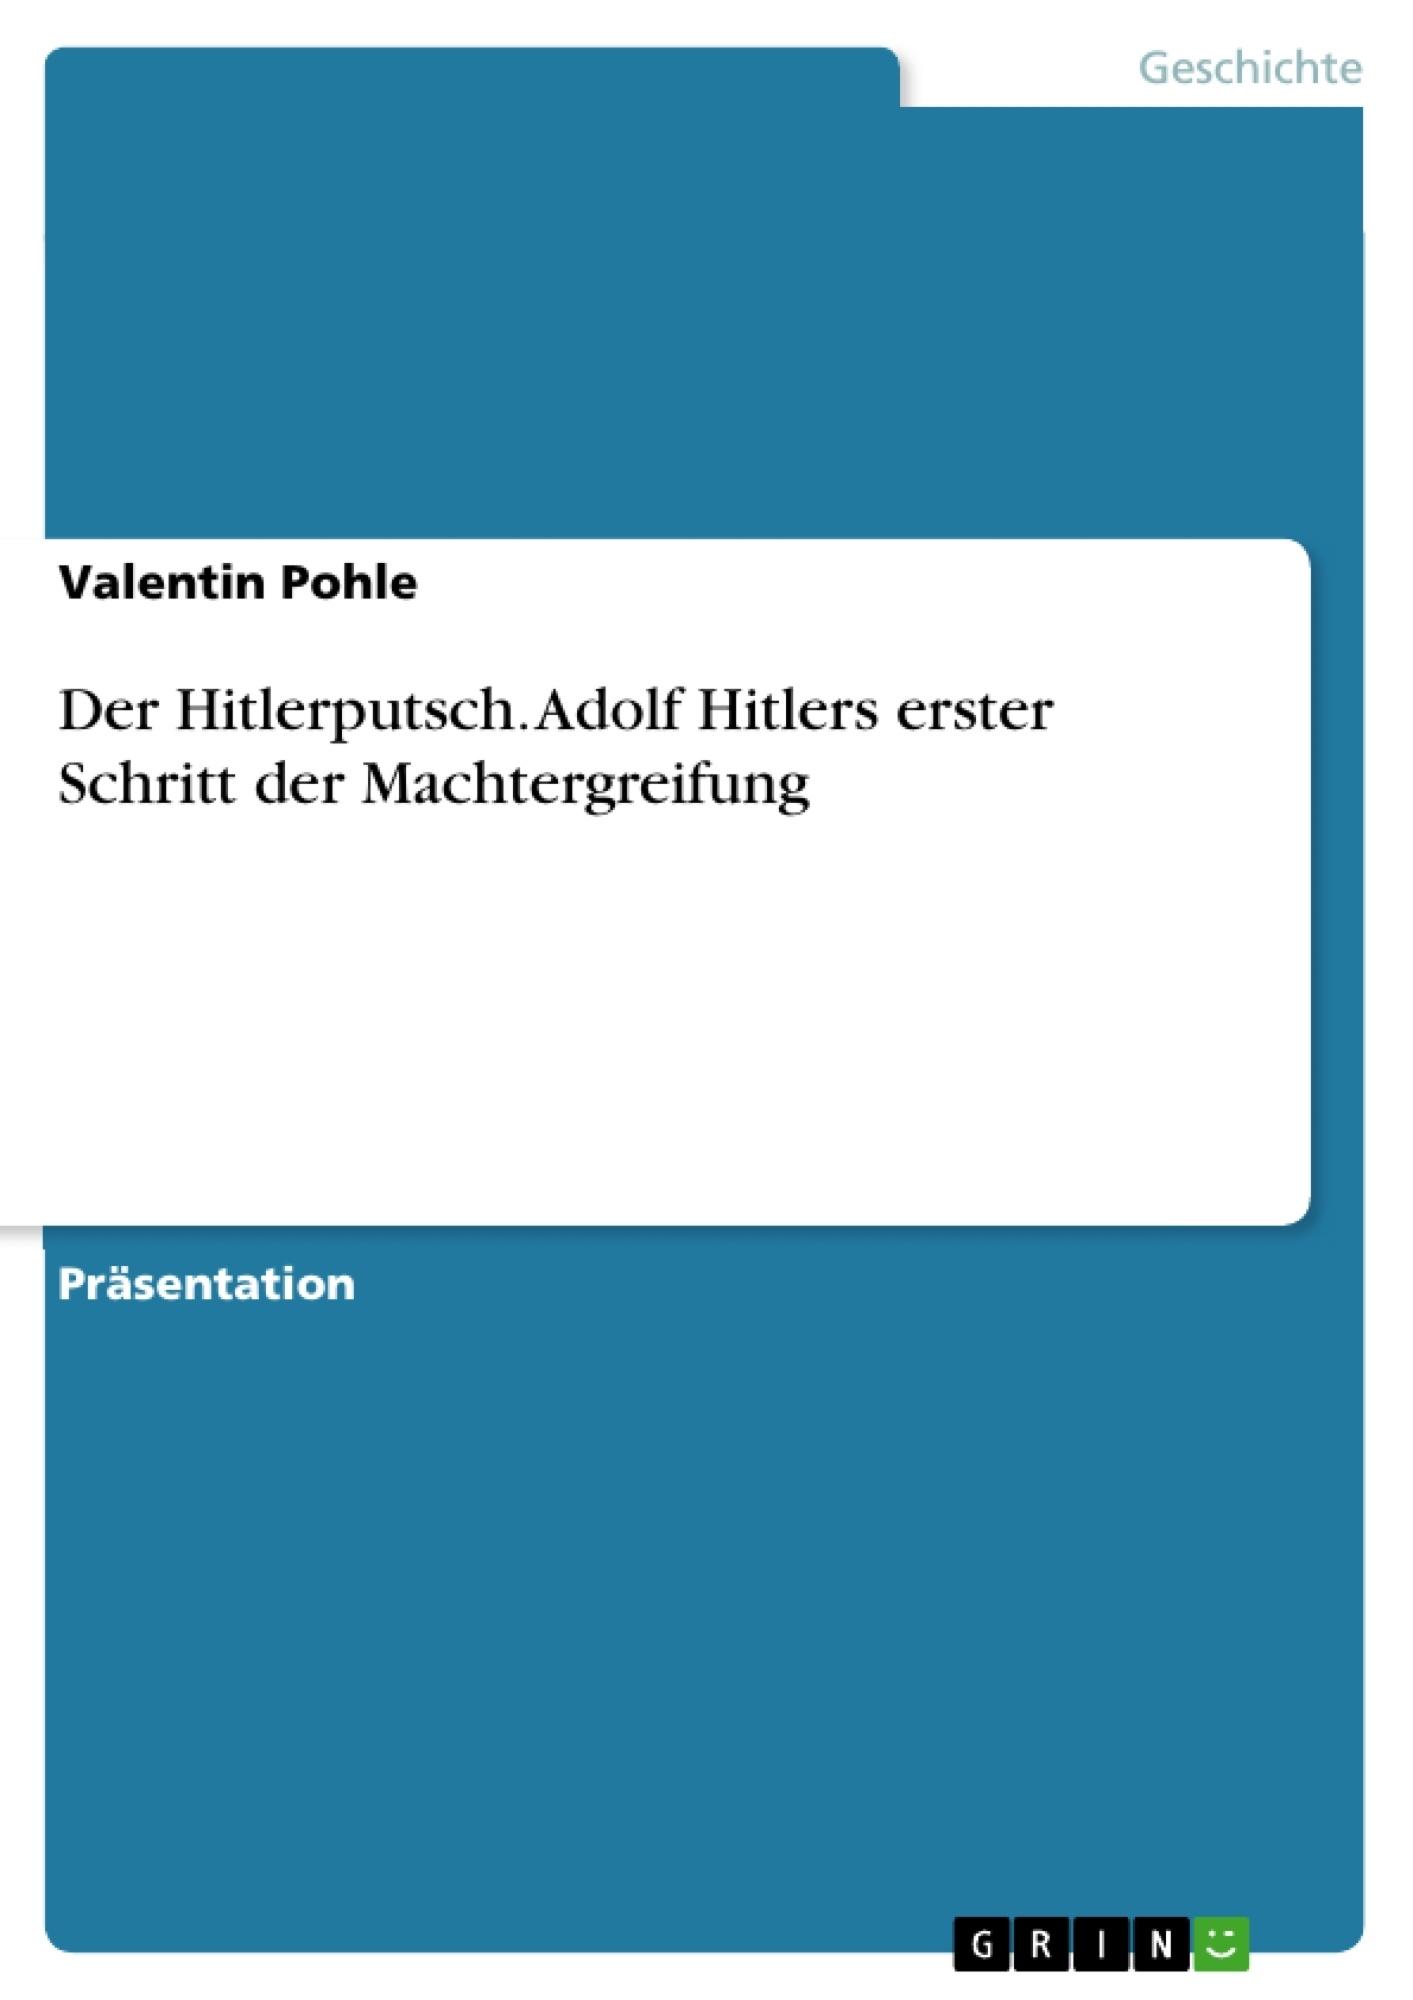 Titel: Der Hitlerputsch. Adolf Hitlers erster Schritt der Machtergreifung